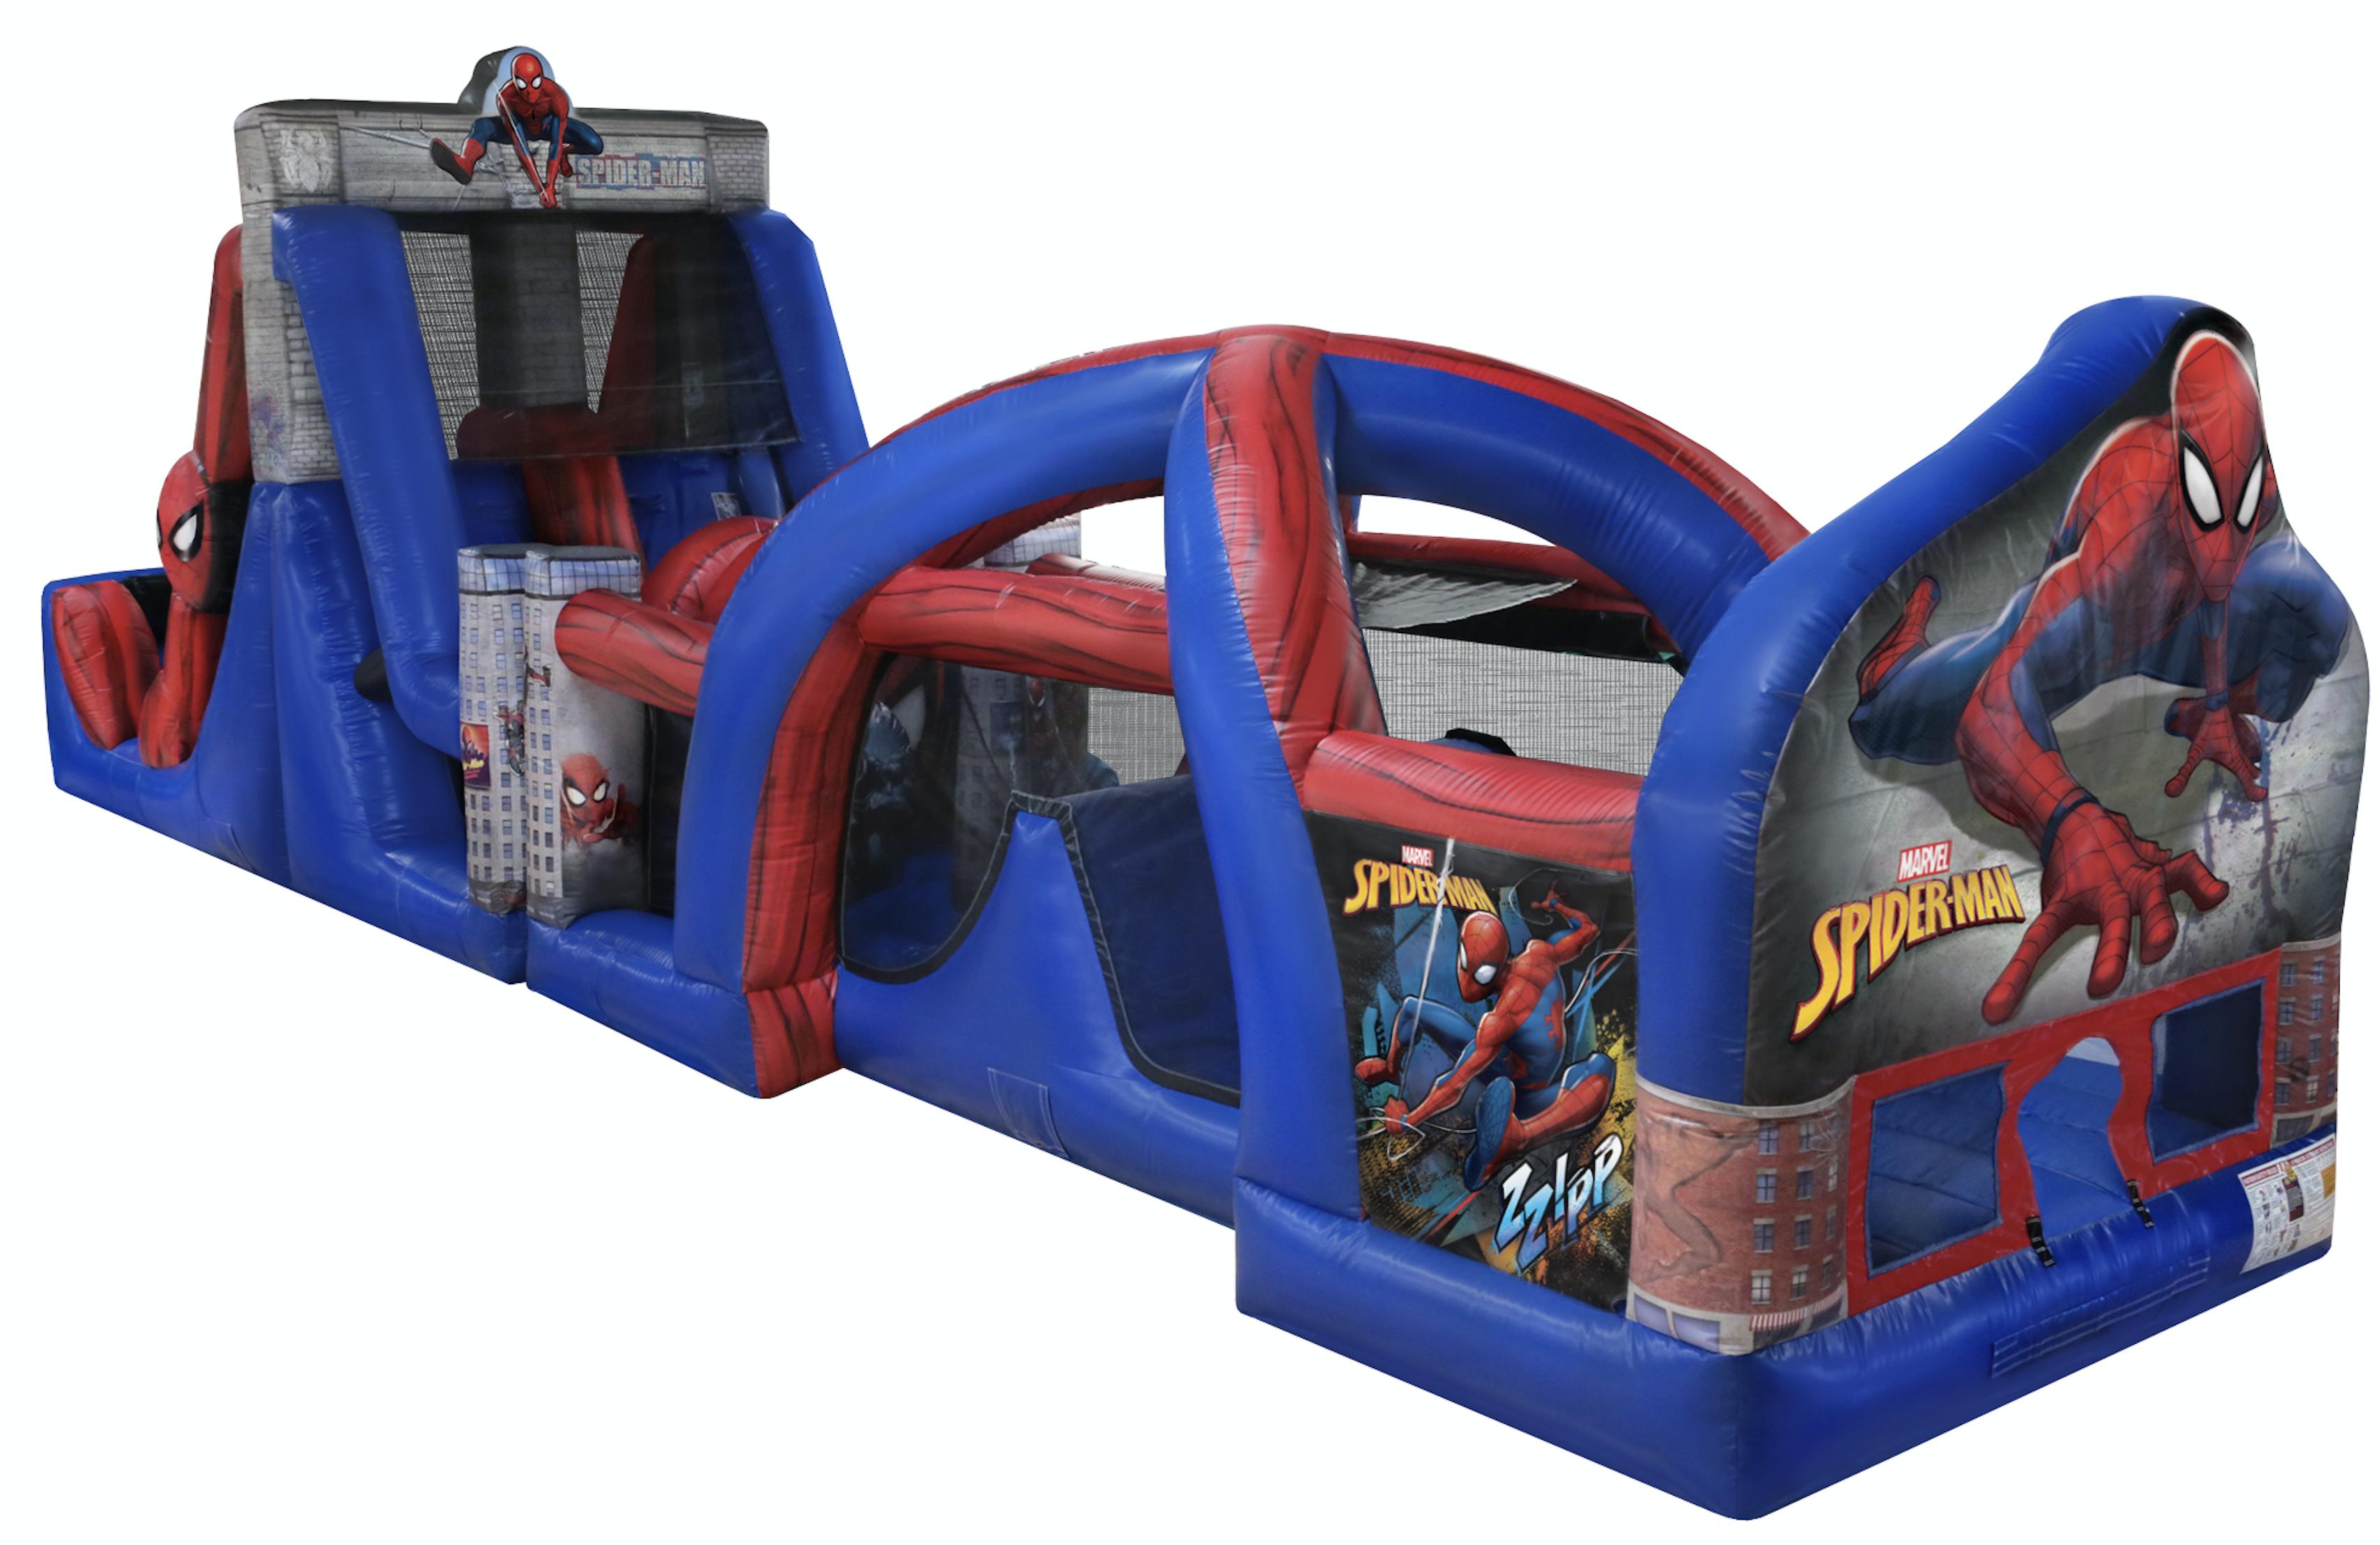 SPIDER-MAN 50' BH & OBST